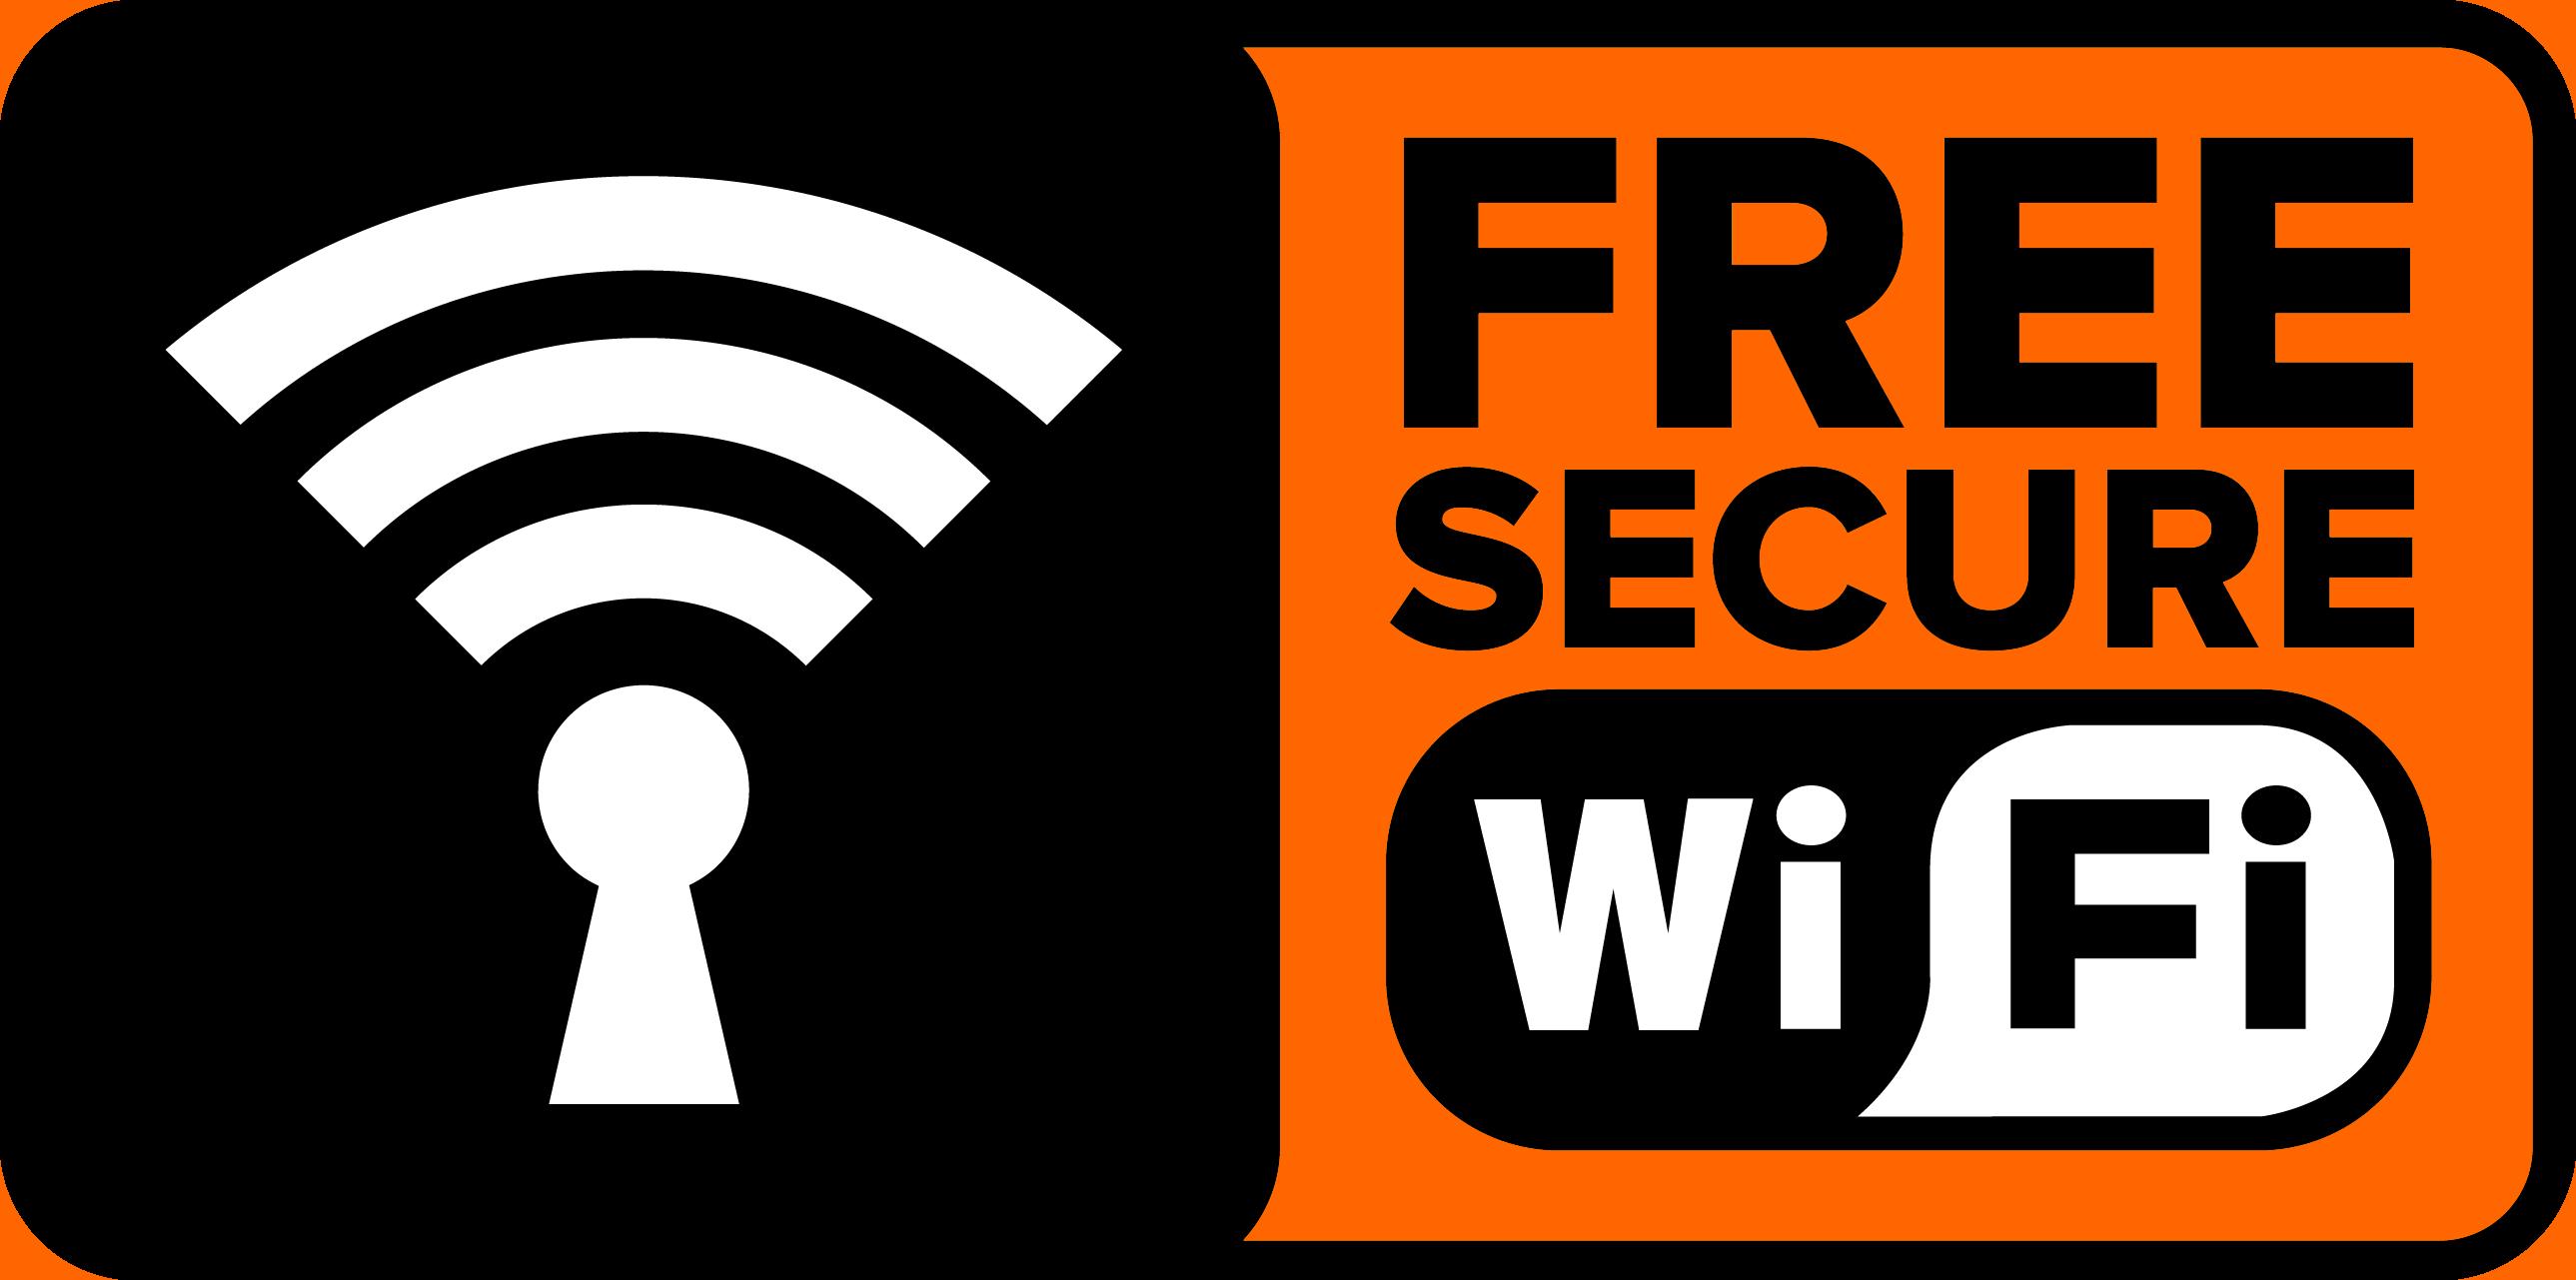 Pesona Air - Free wifi unlimited untuk koneksi internet di private kolam renang pesona air